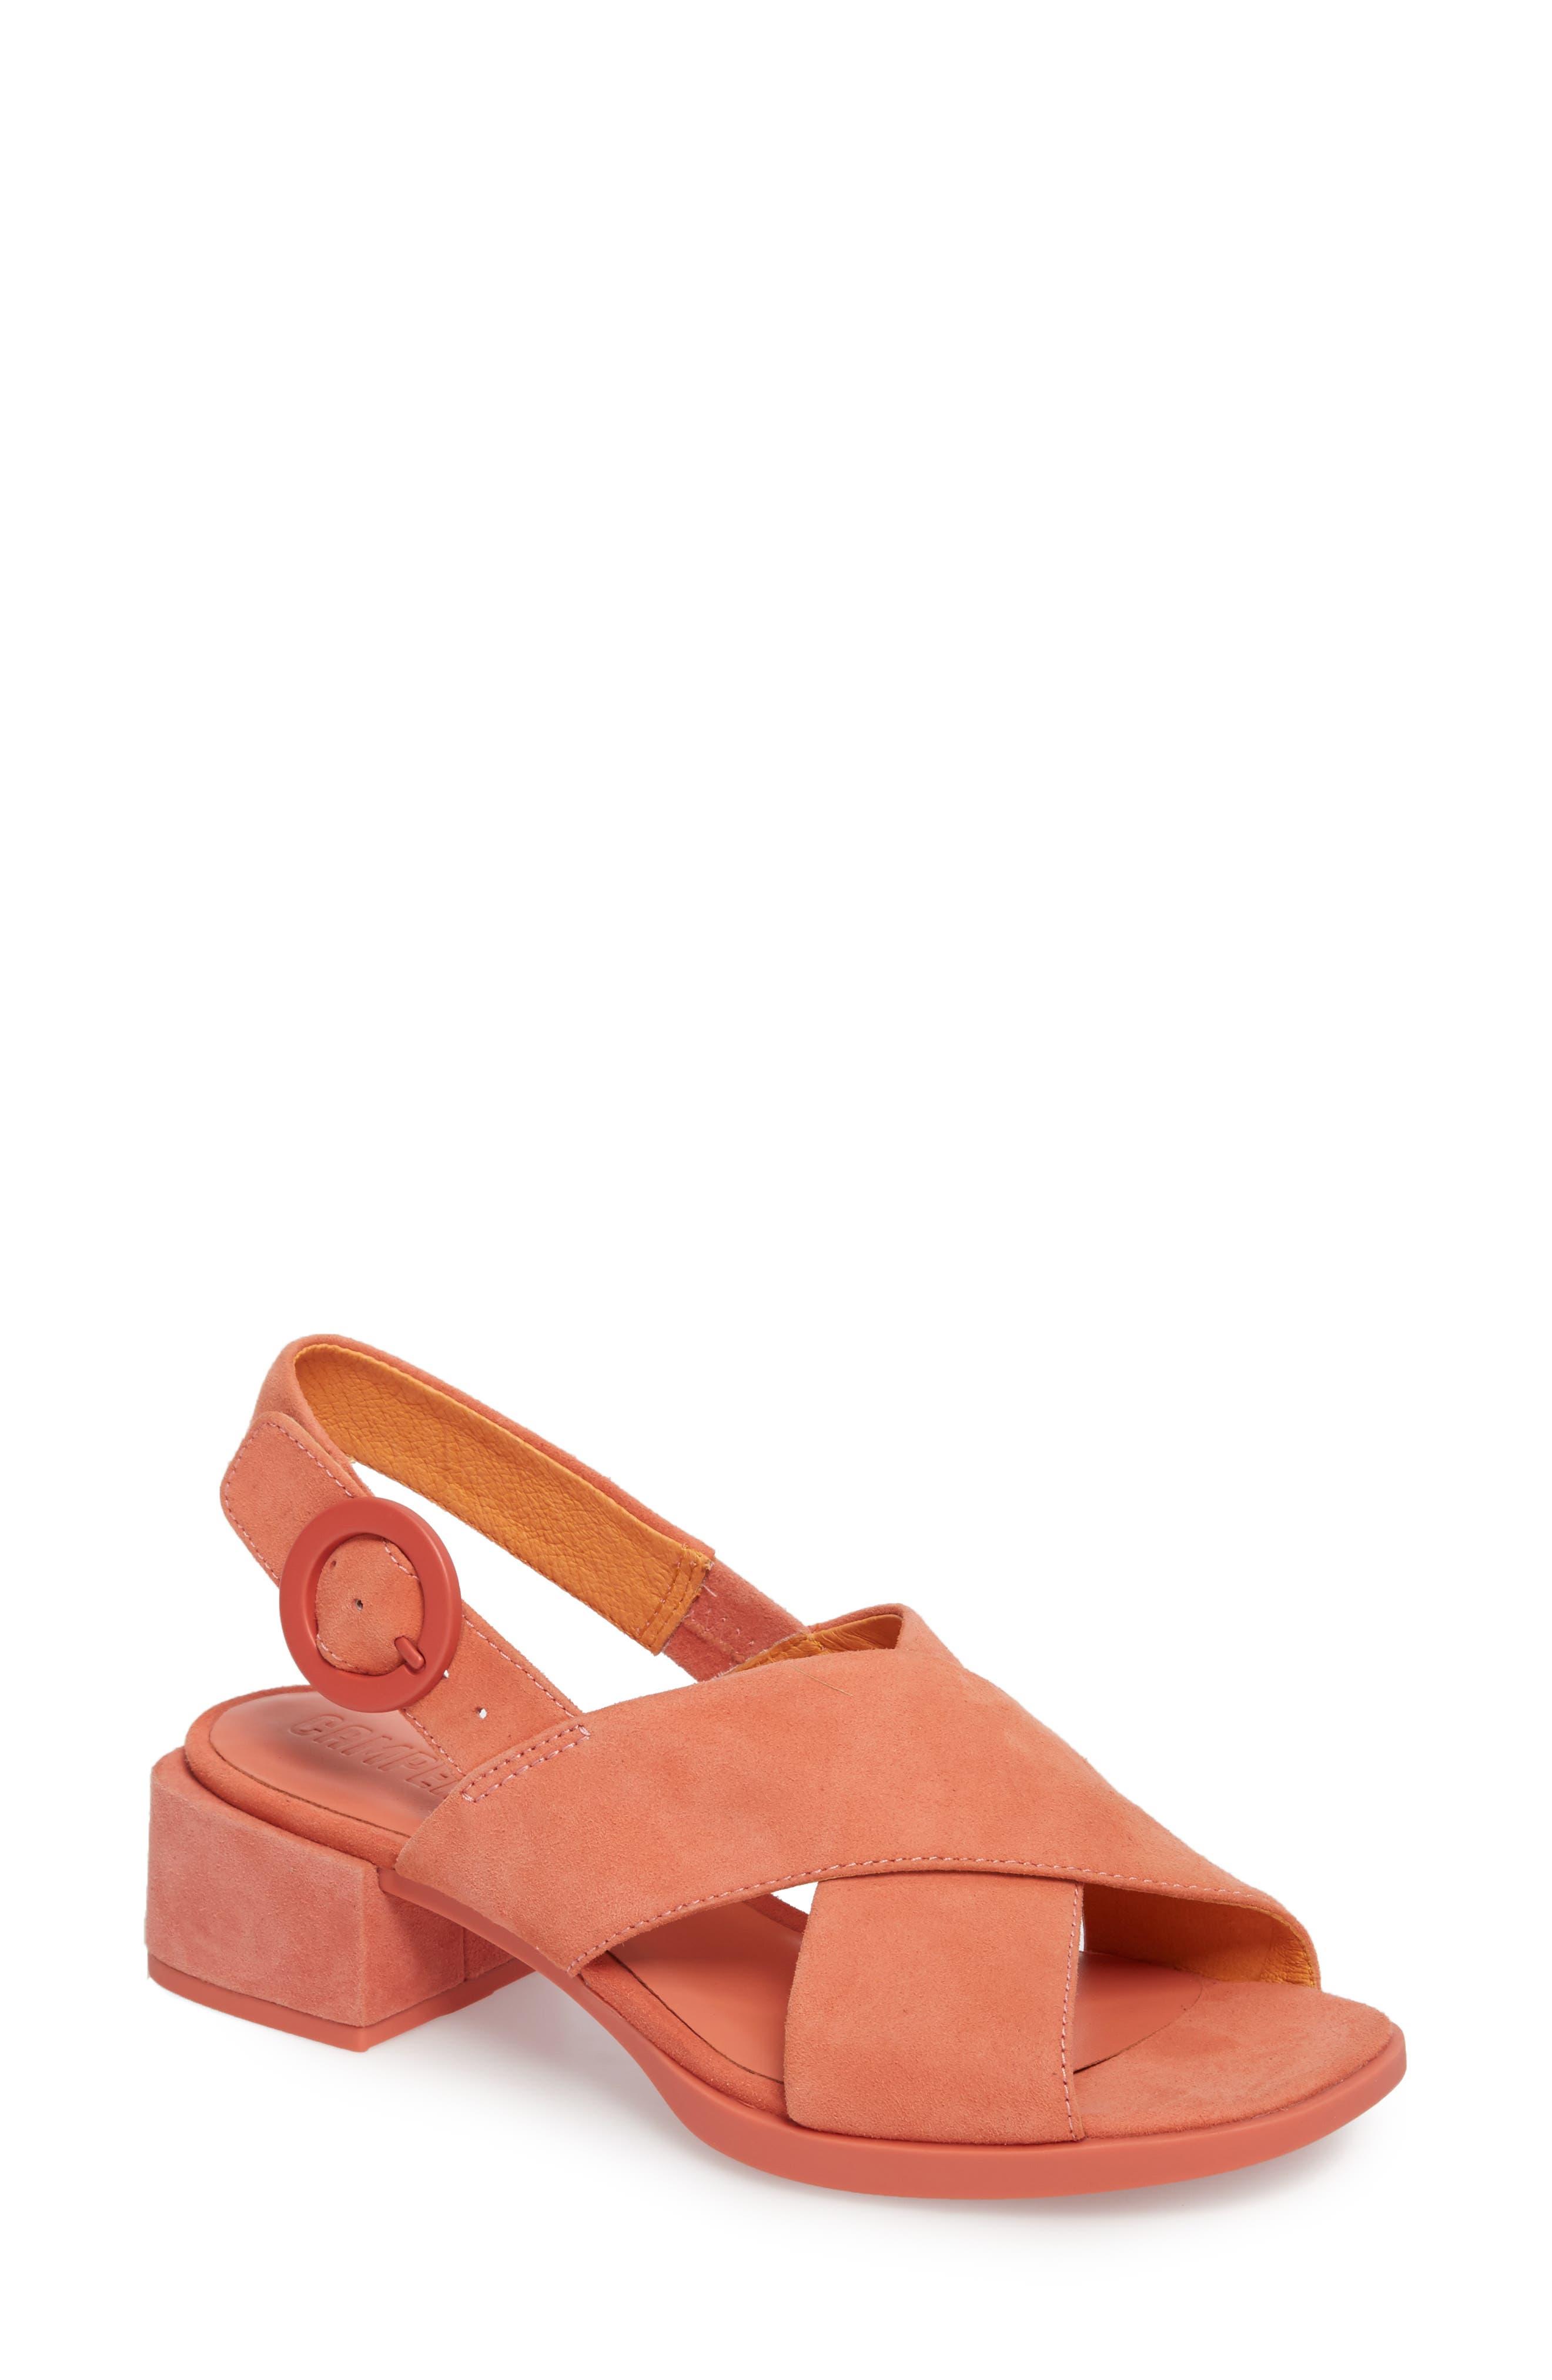 Main Image - Camper Kobo Cross Strap Sandal (Women)